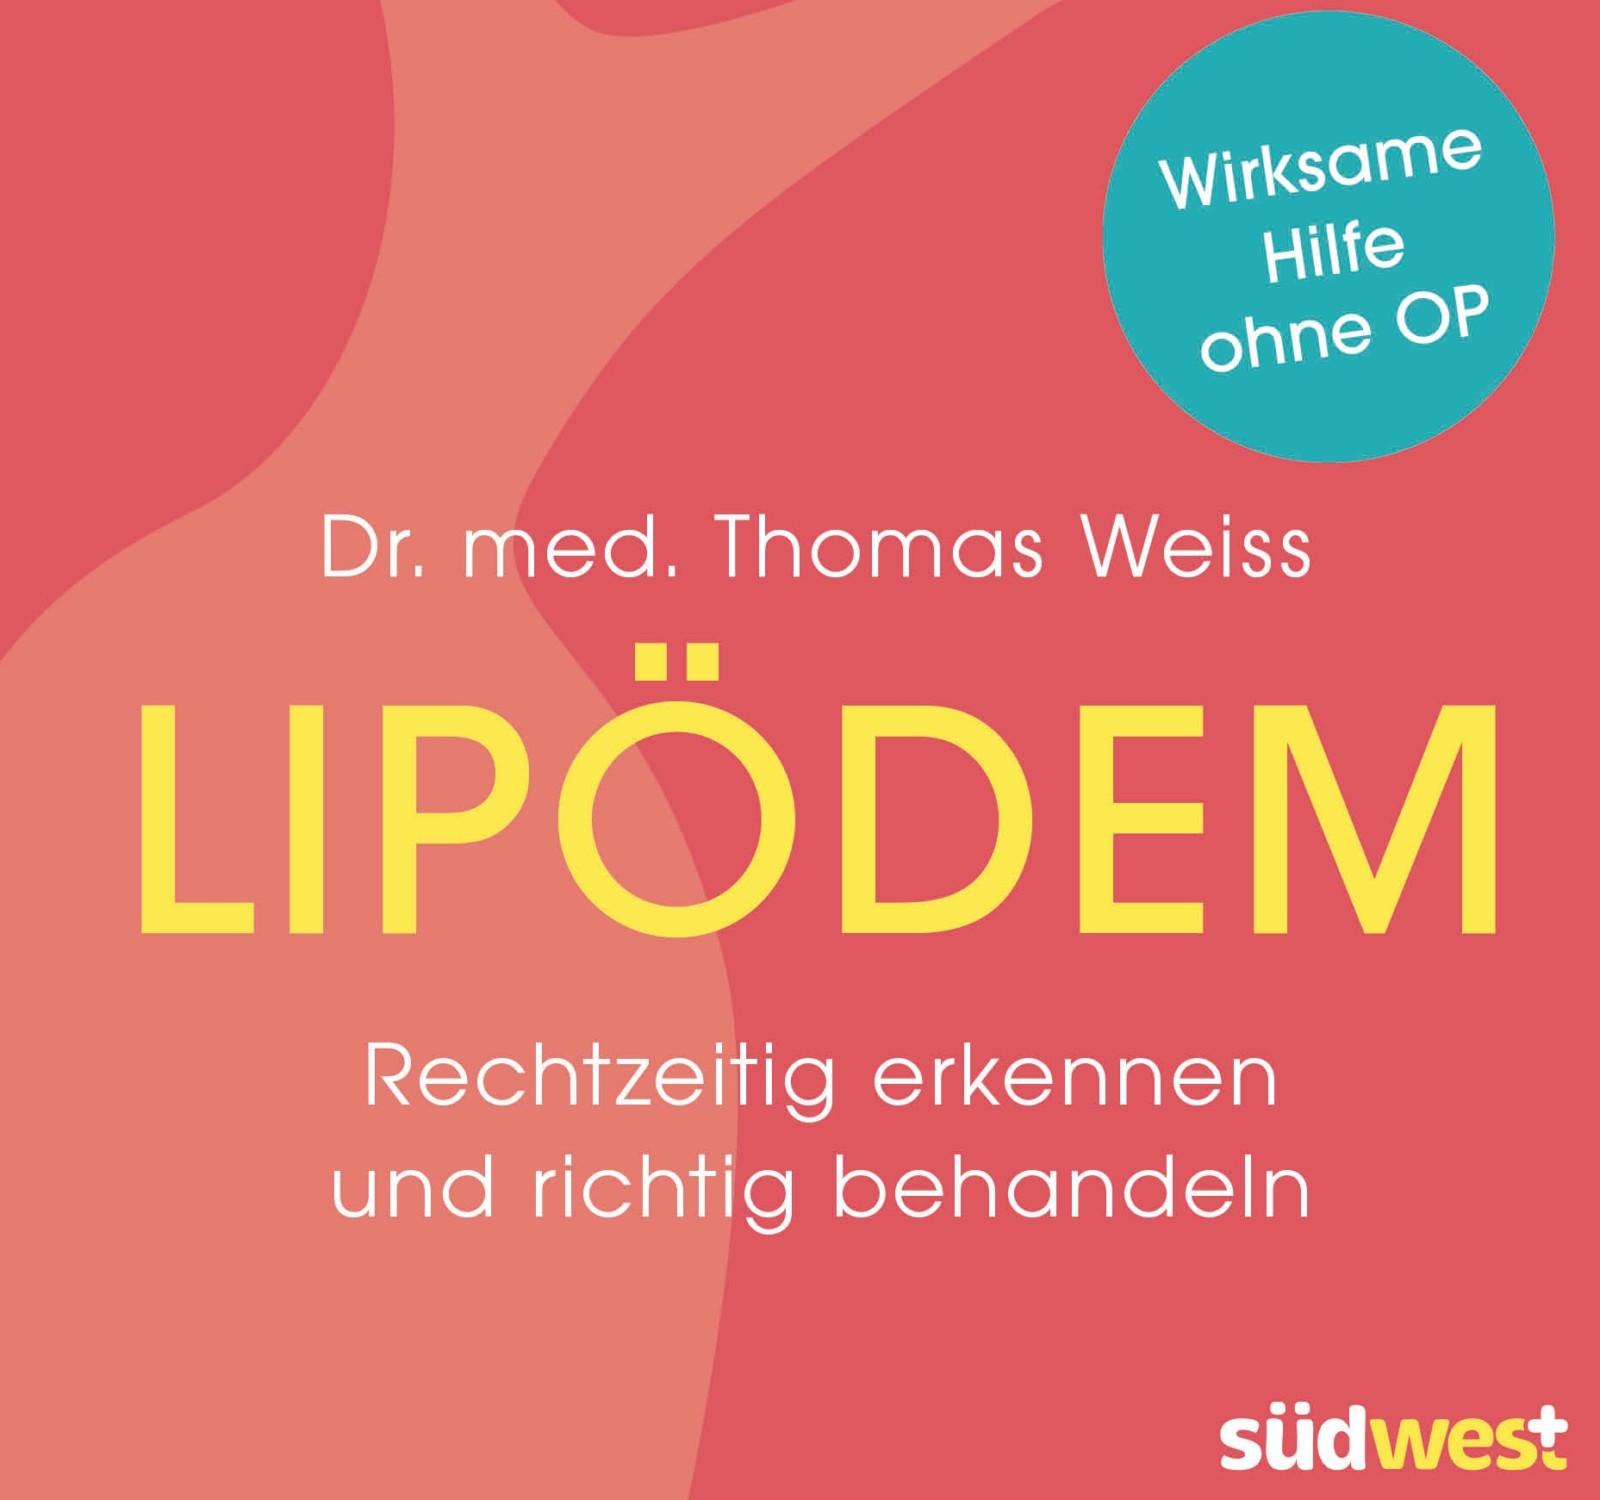 Lipödem: Rechtzeitig erkennen und behandeln [Rezension]